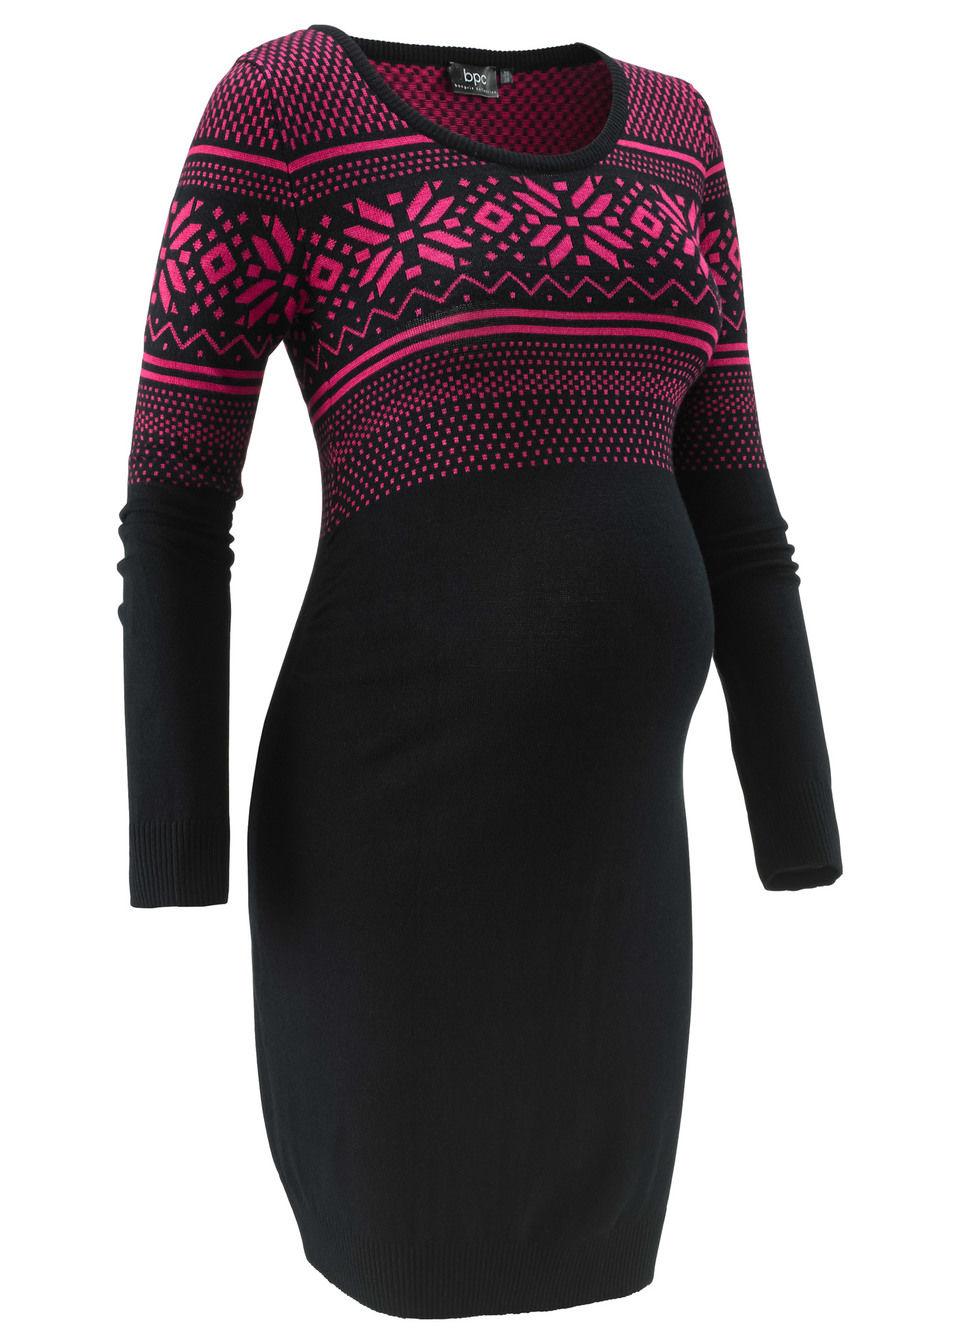 Sukienka dzianinowa z norweskim wzorem bonprix czarno-ciemnoróżowy wzorzysty